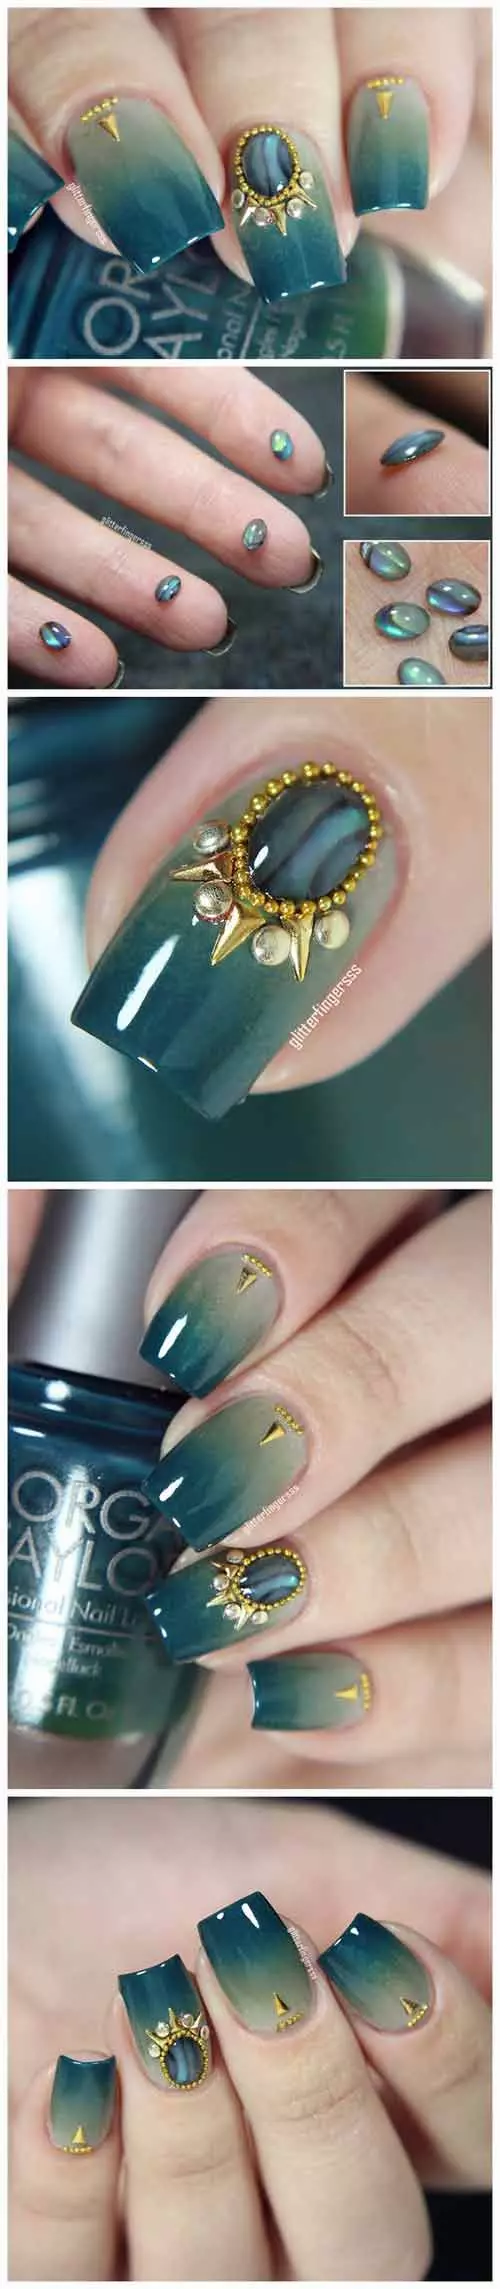 3d designs nails